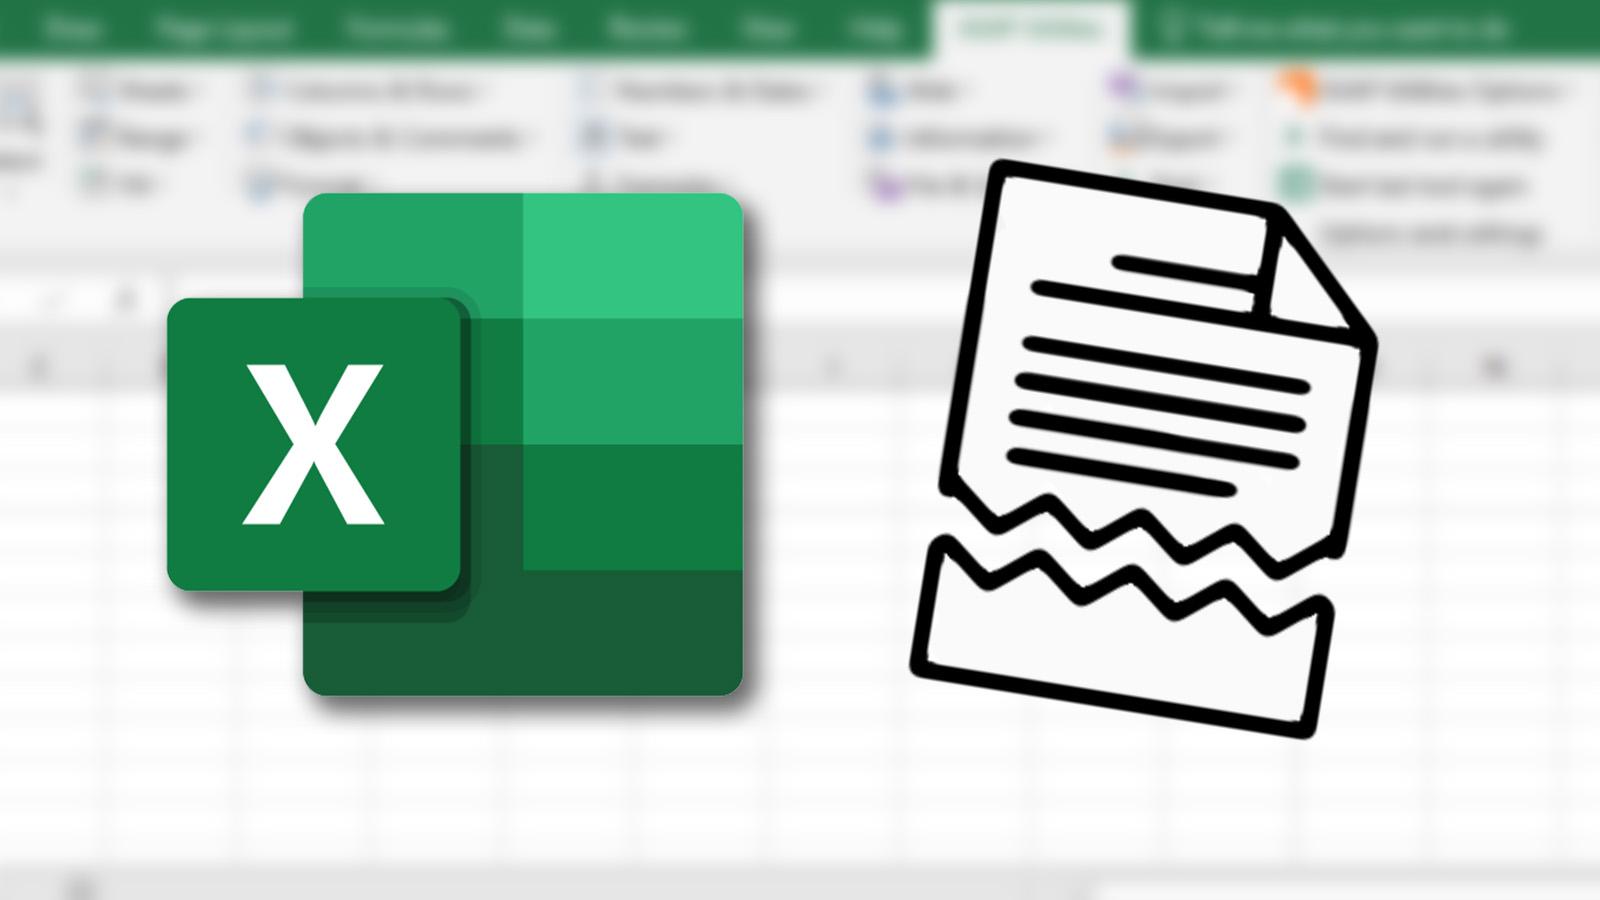 Khôi phục tệp Microsoft Excel 4 Tìm hiểu thêm về cách 2